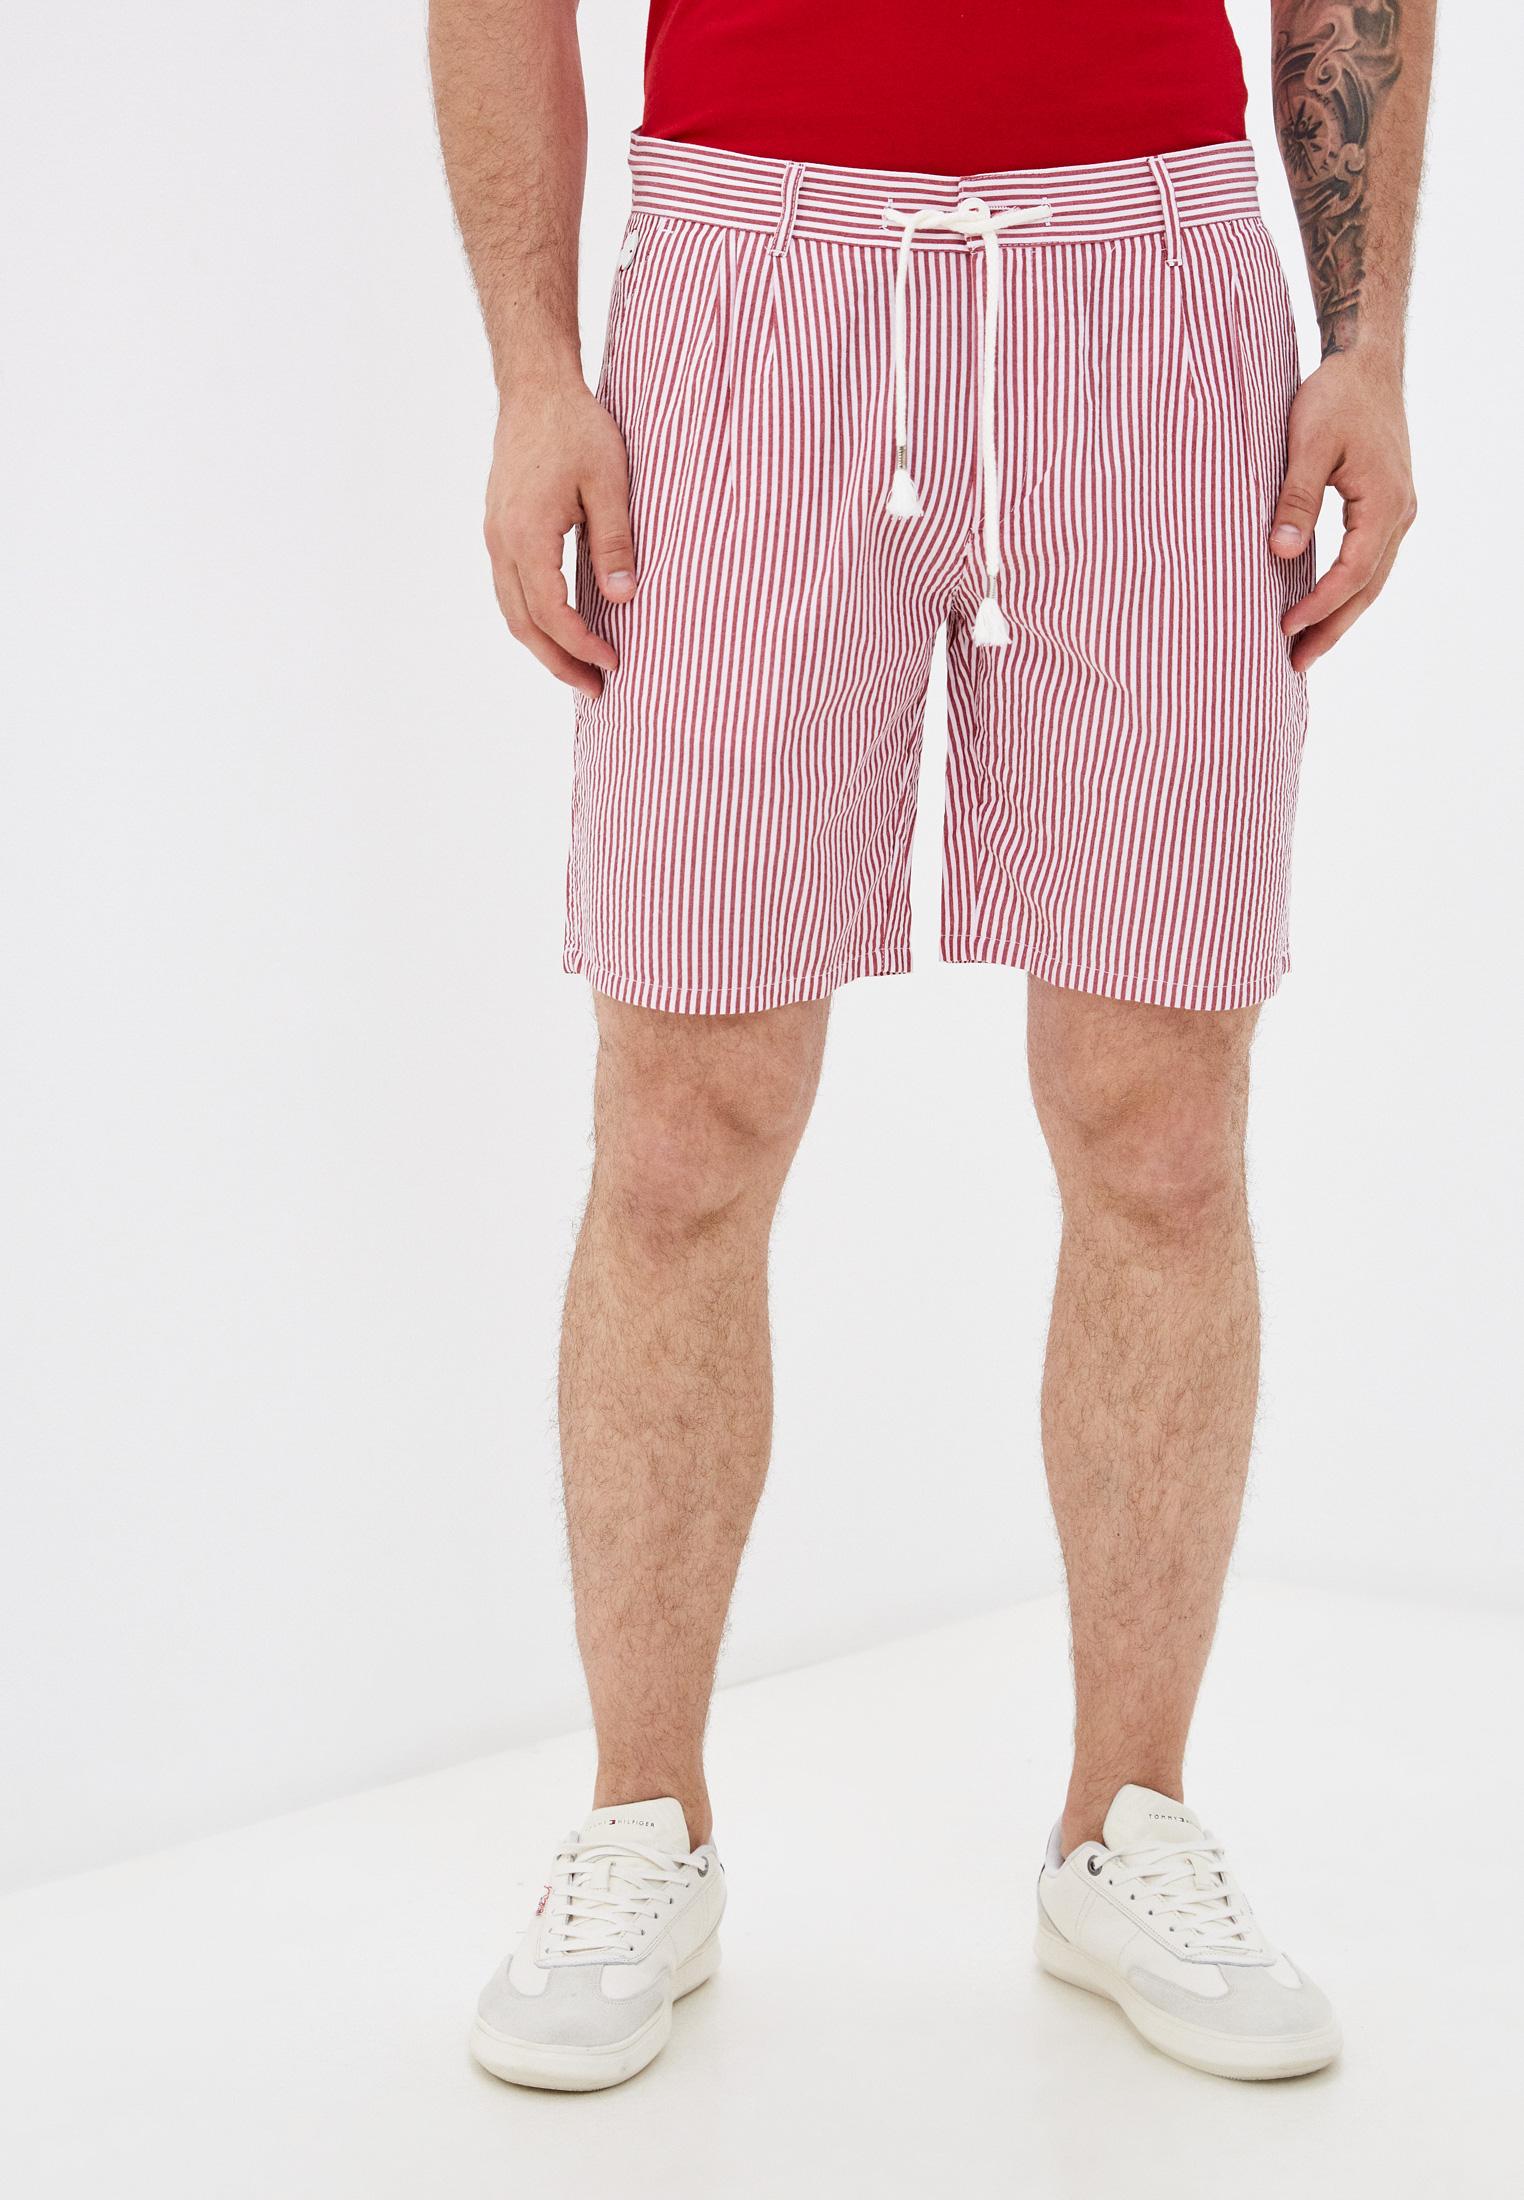 Мужские повседневные шорты RNT23 Шорты RNT23